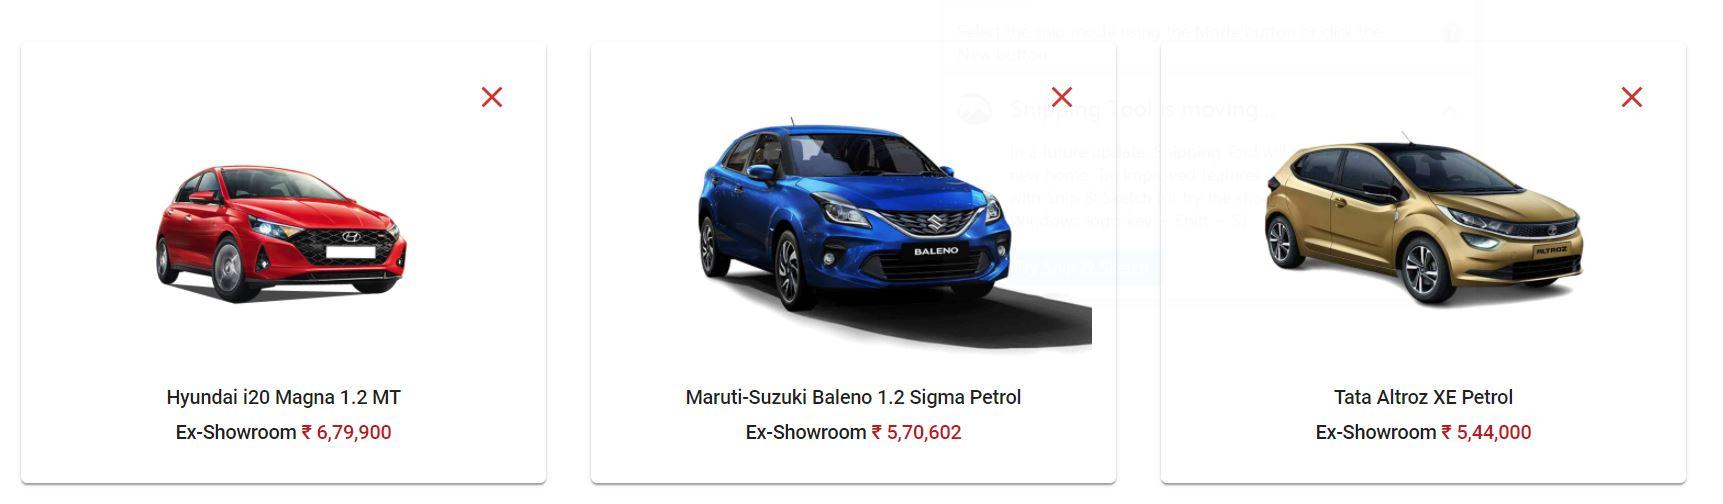 baleno-vs-new-i20-altroz-premium-hatch-price-comparison